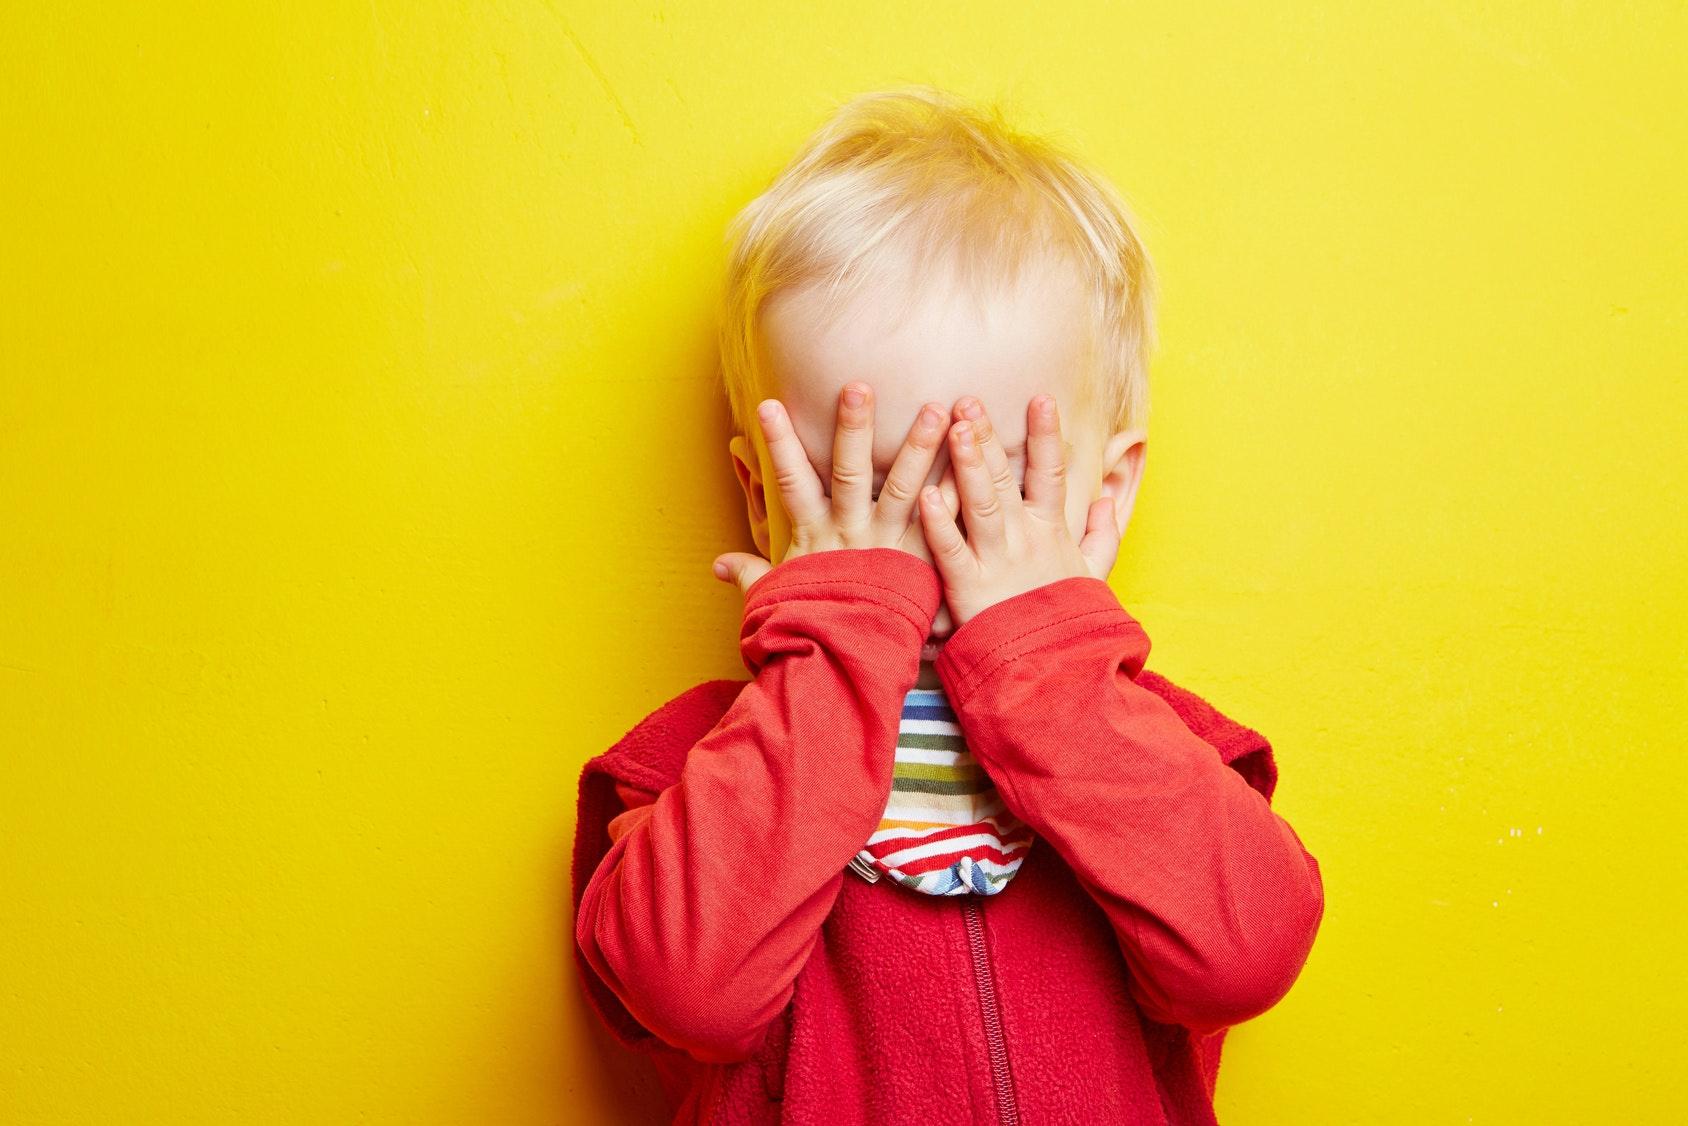 Aider son enfant à surmonter sa timidité